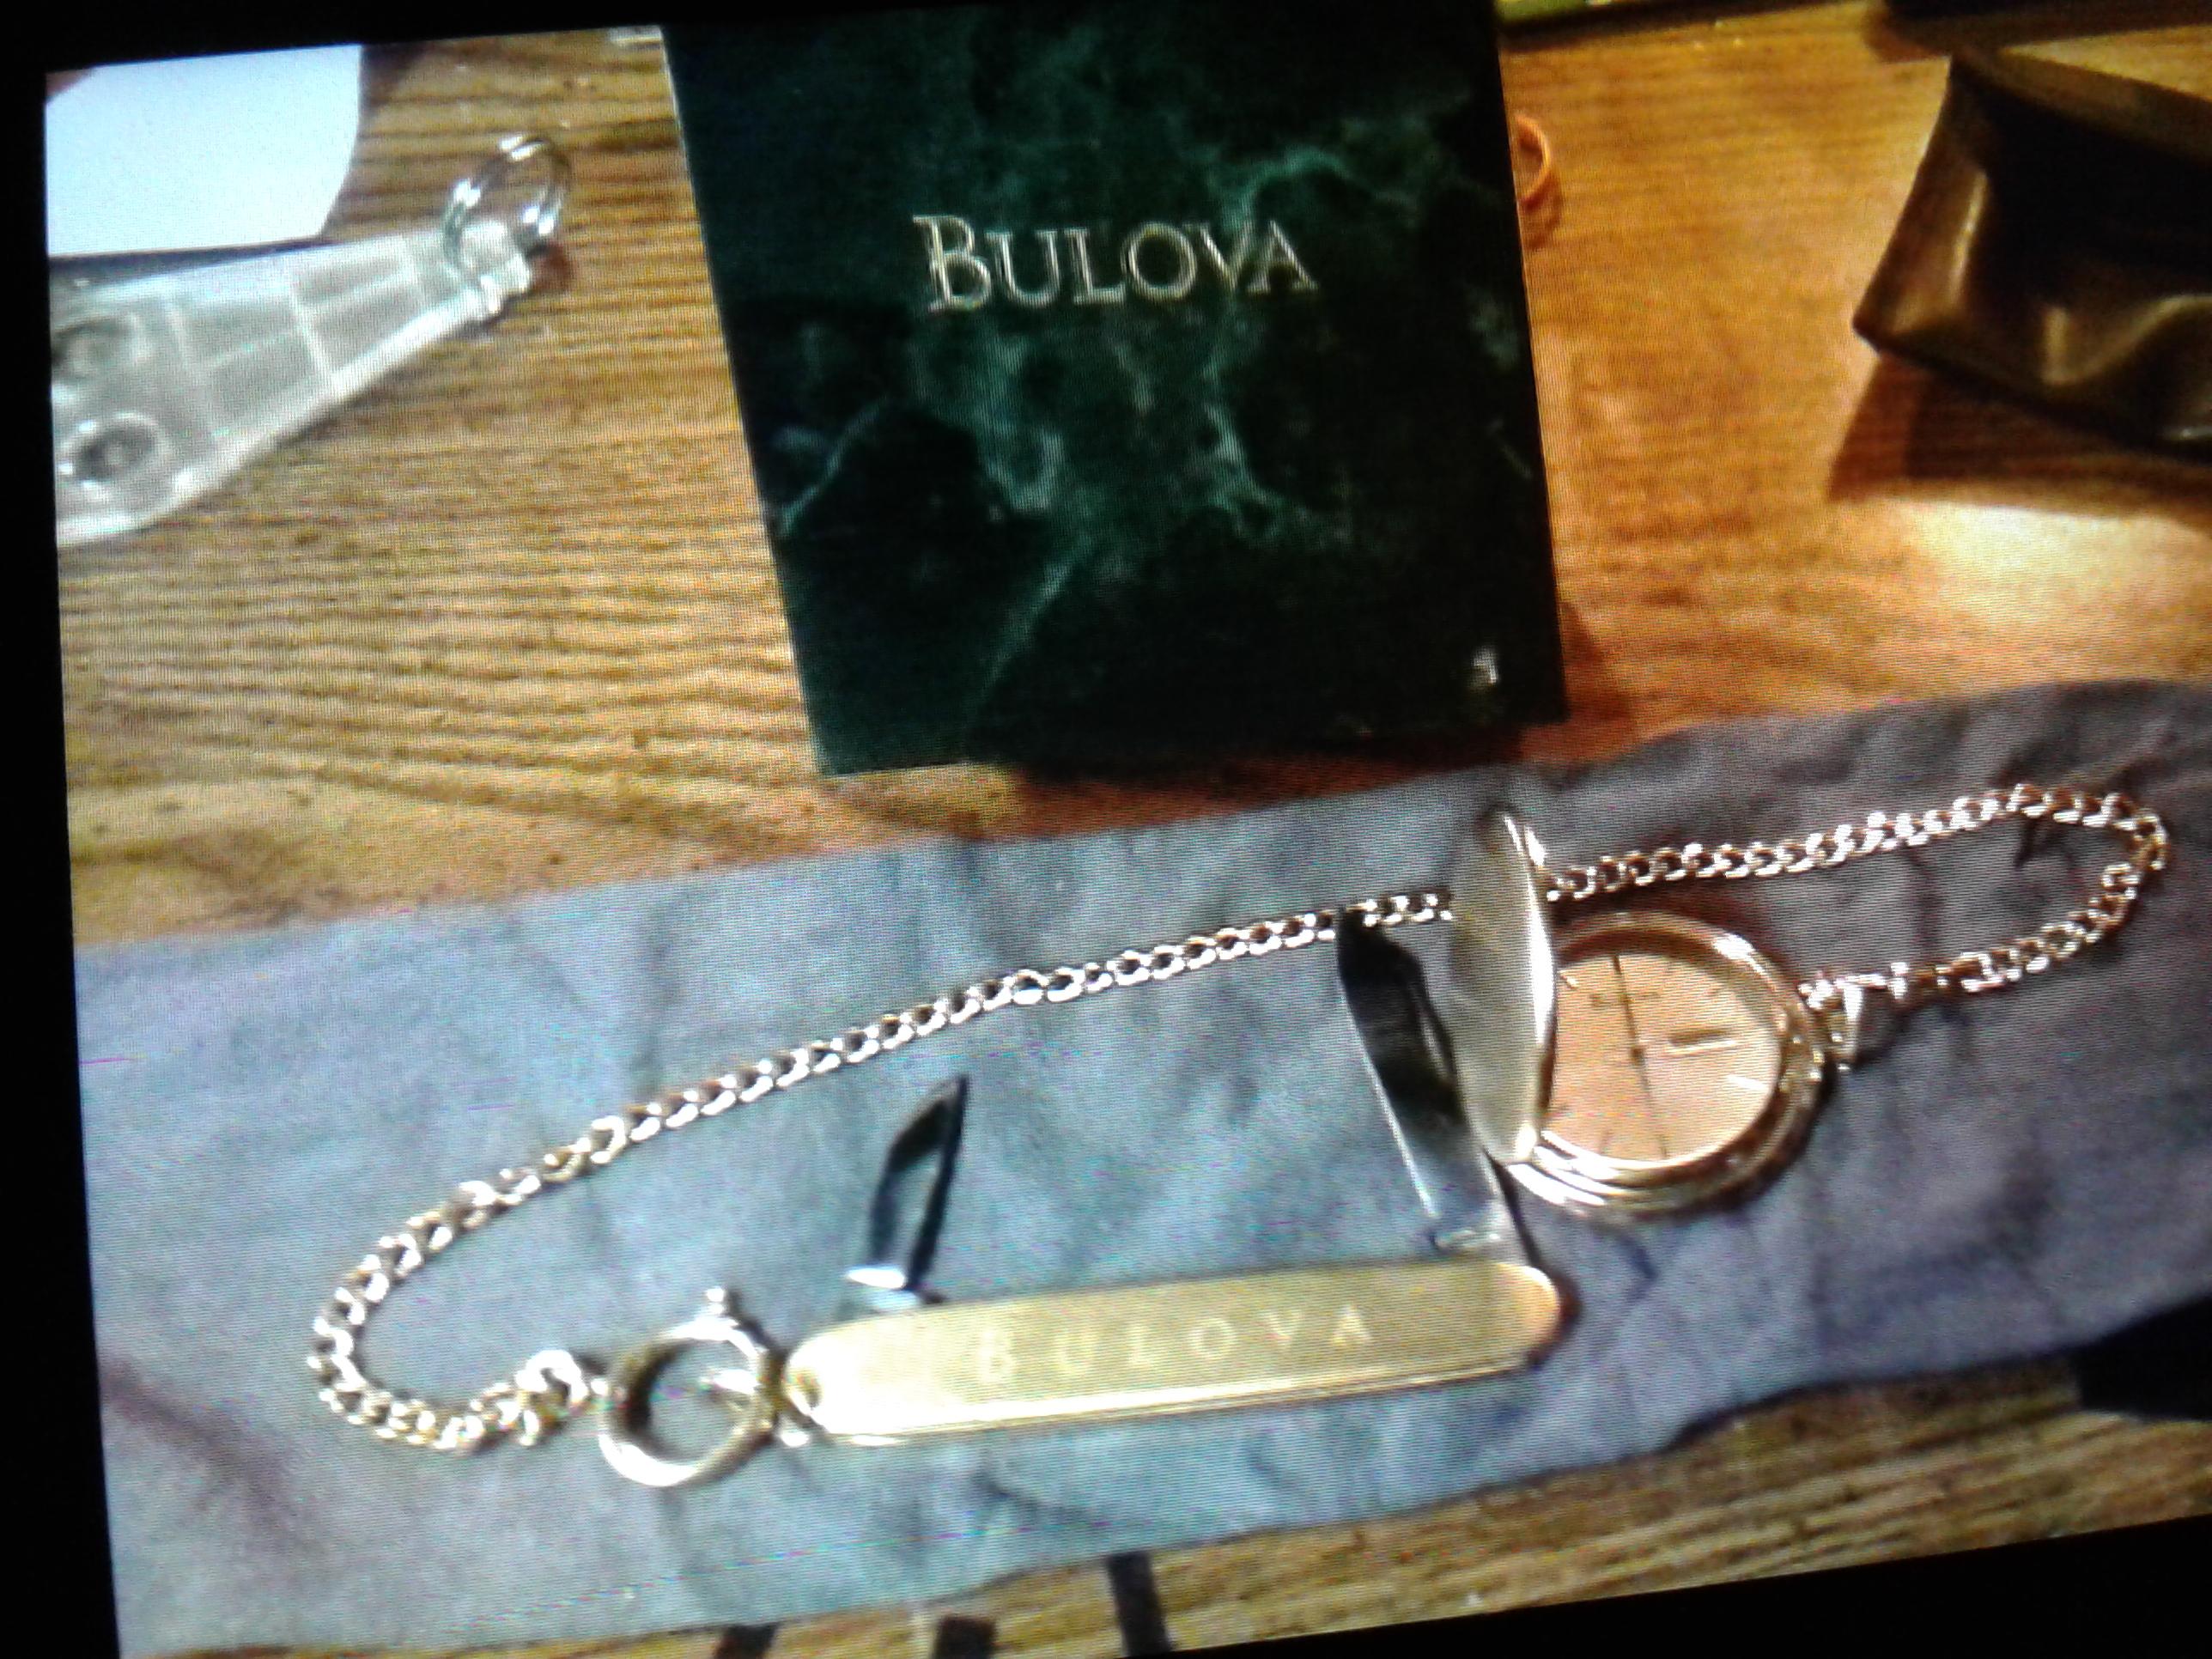 Vintage Bulova gold pocket watch